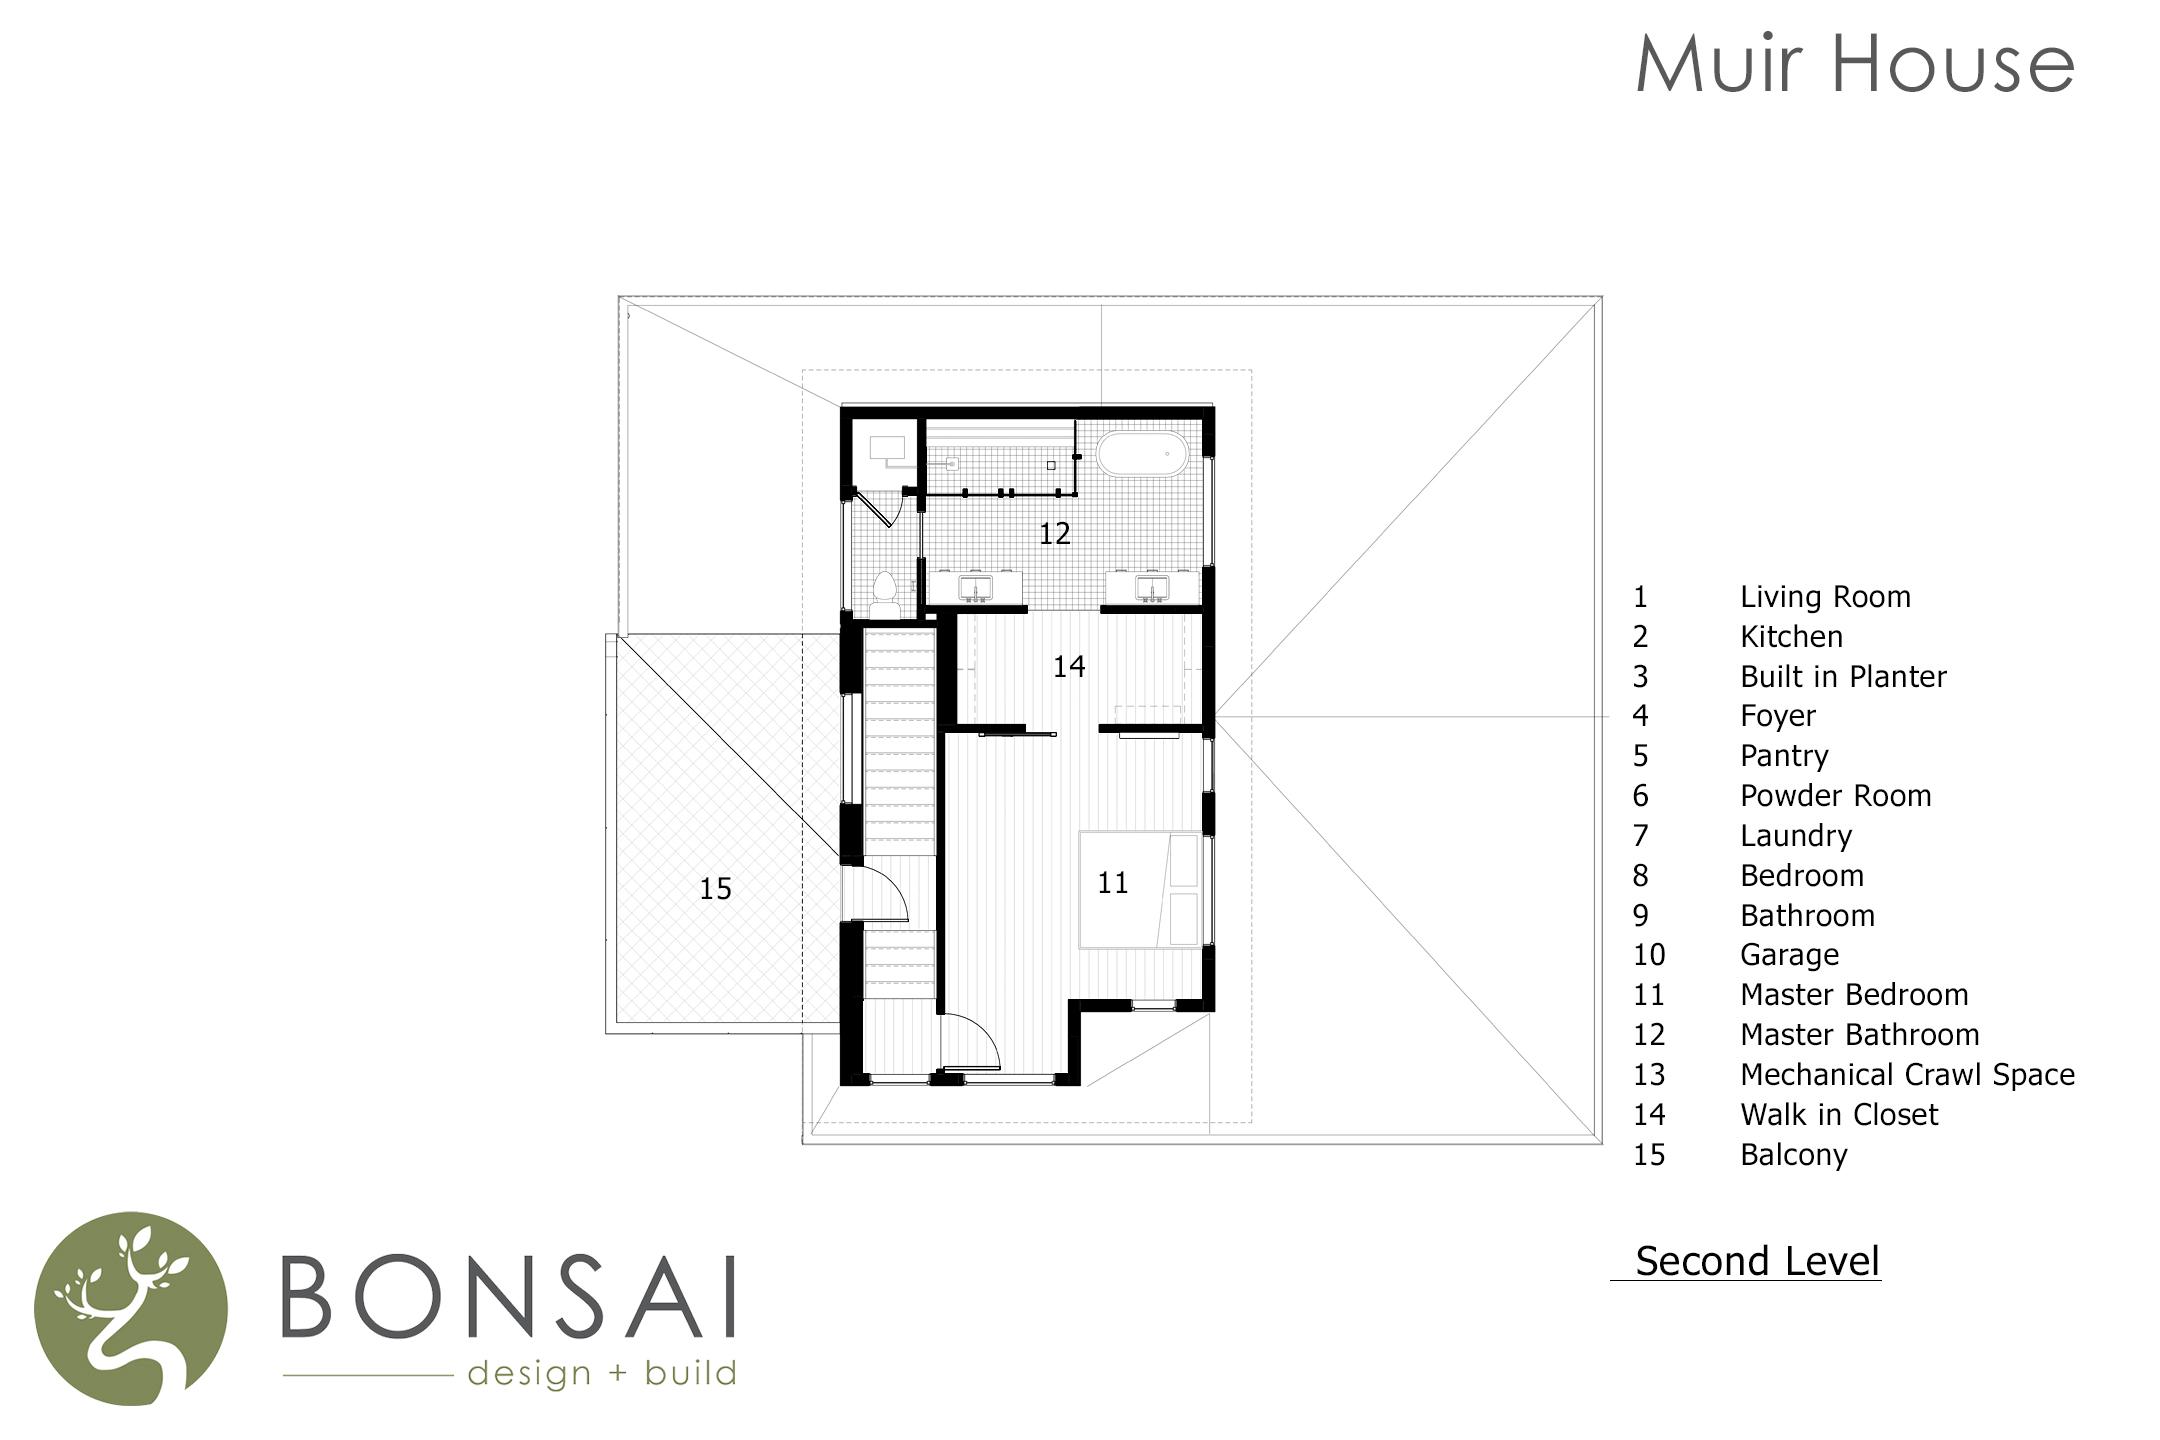 Muir House Second Floor Plan.jpg